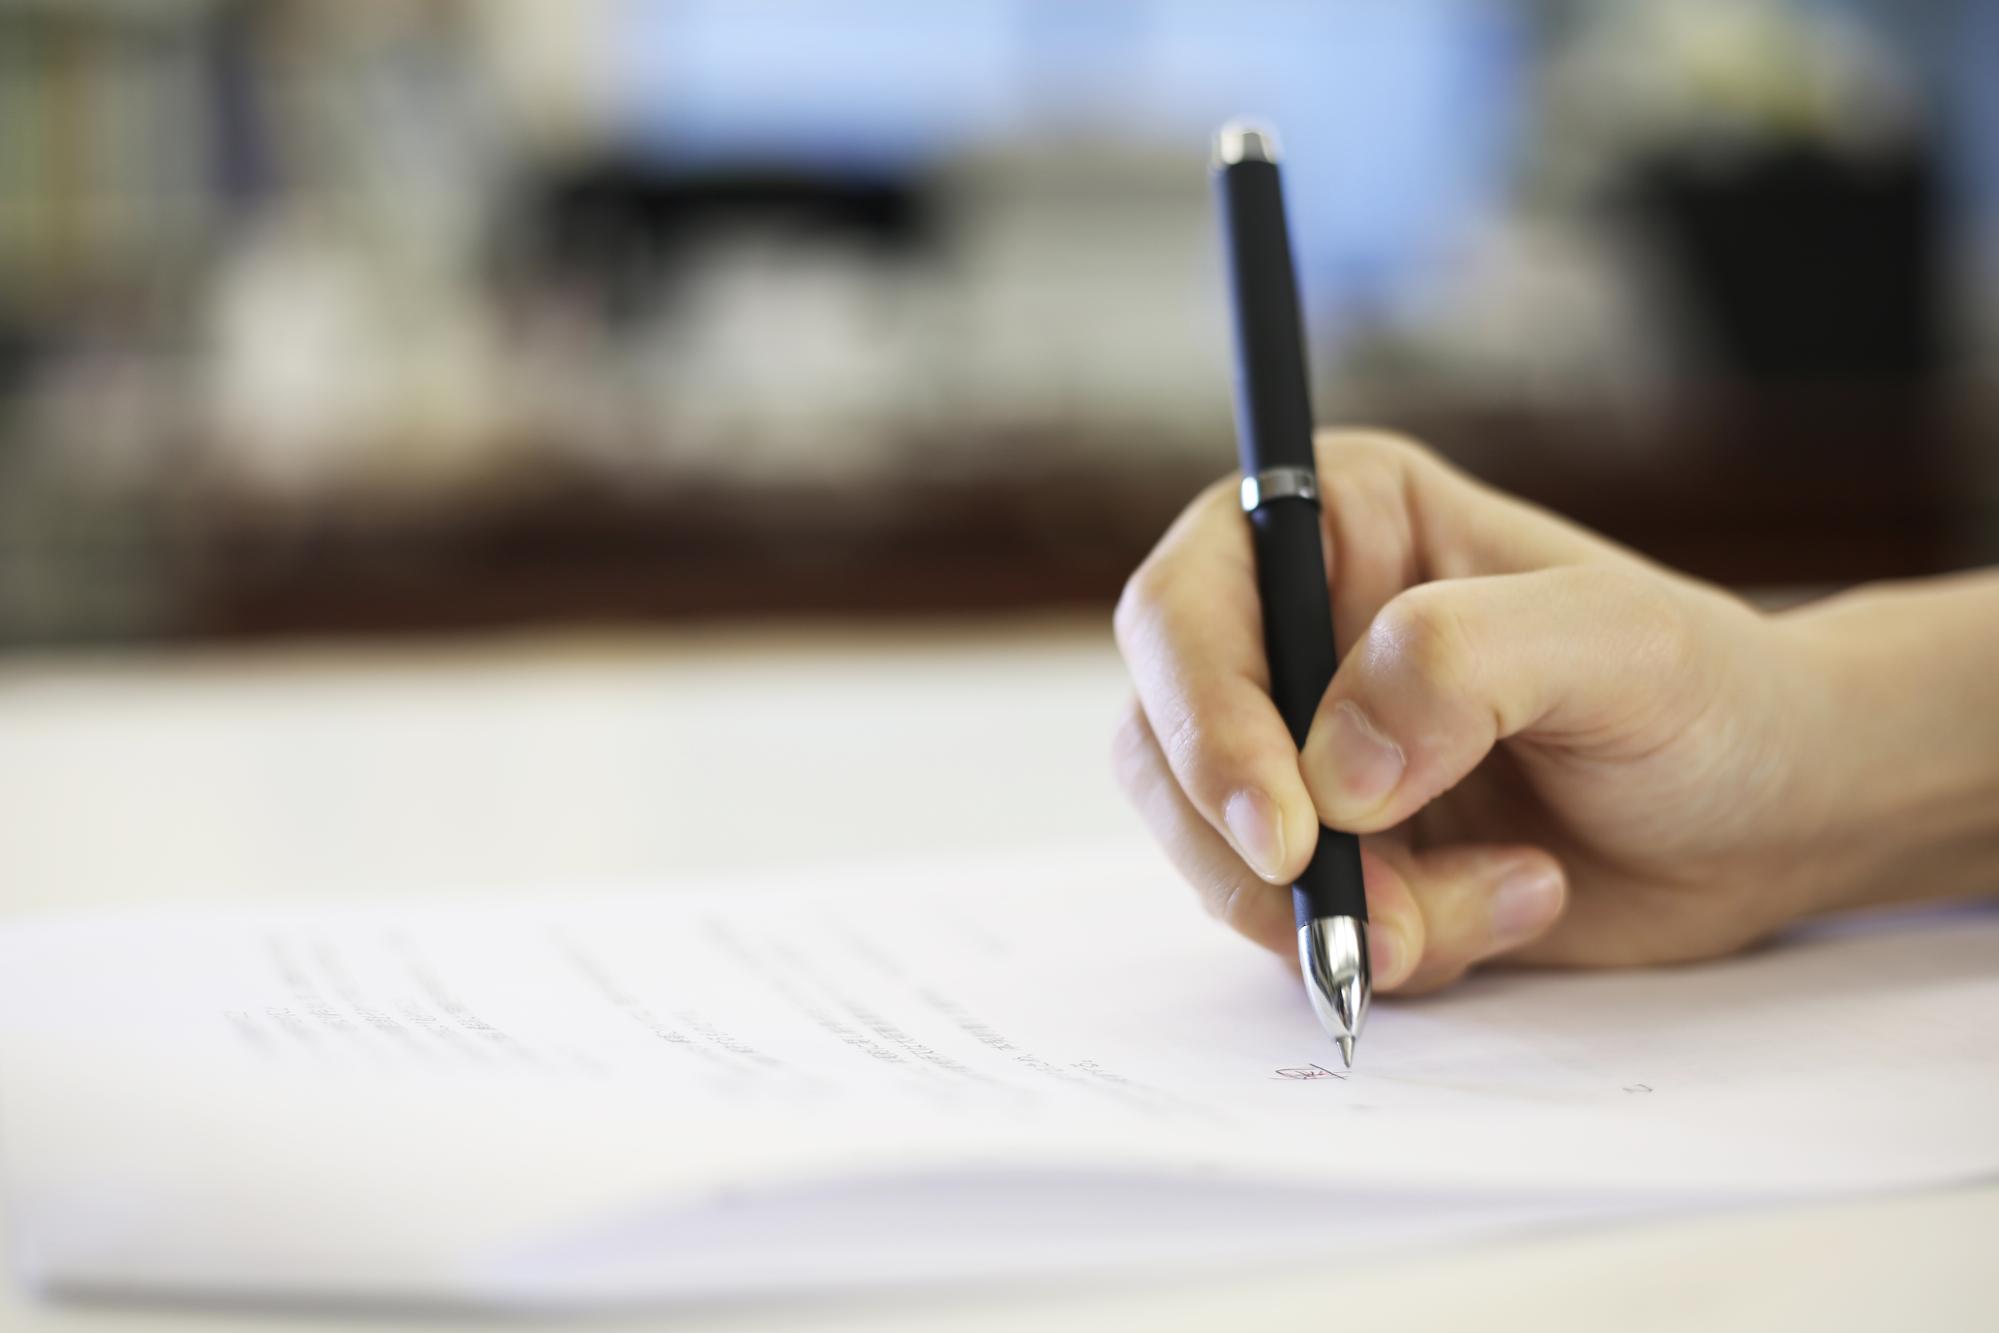 【労働条件通知書】記入例と記載事項の書き方を解説